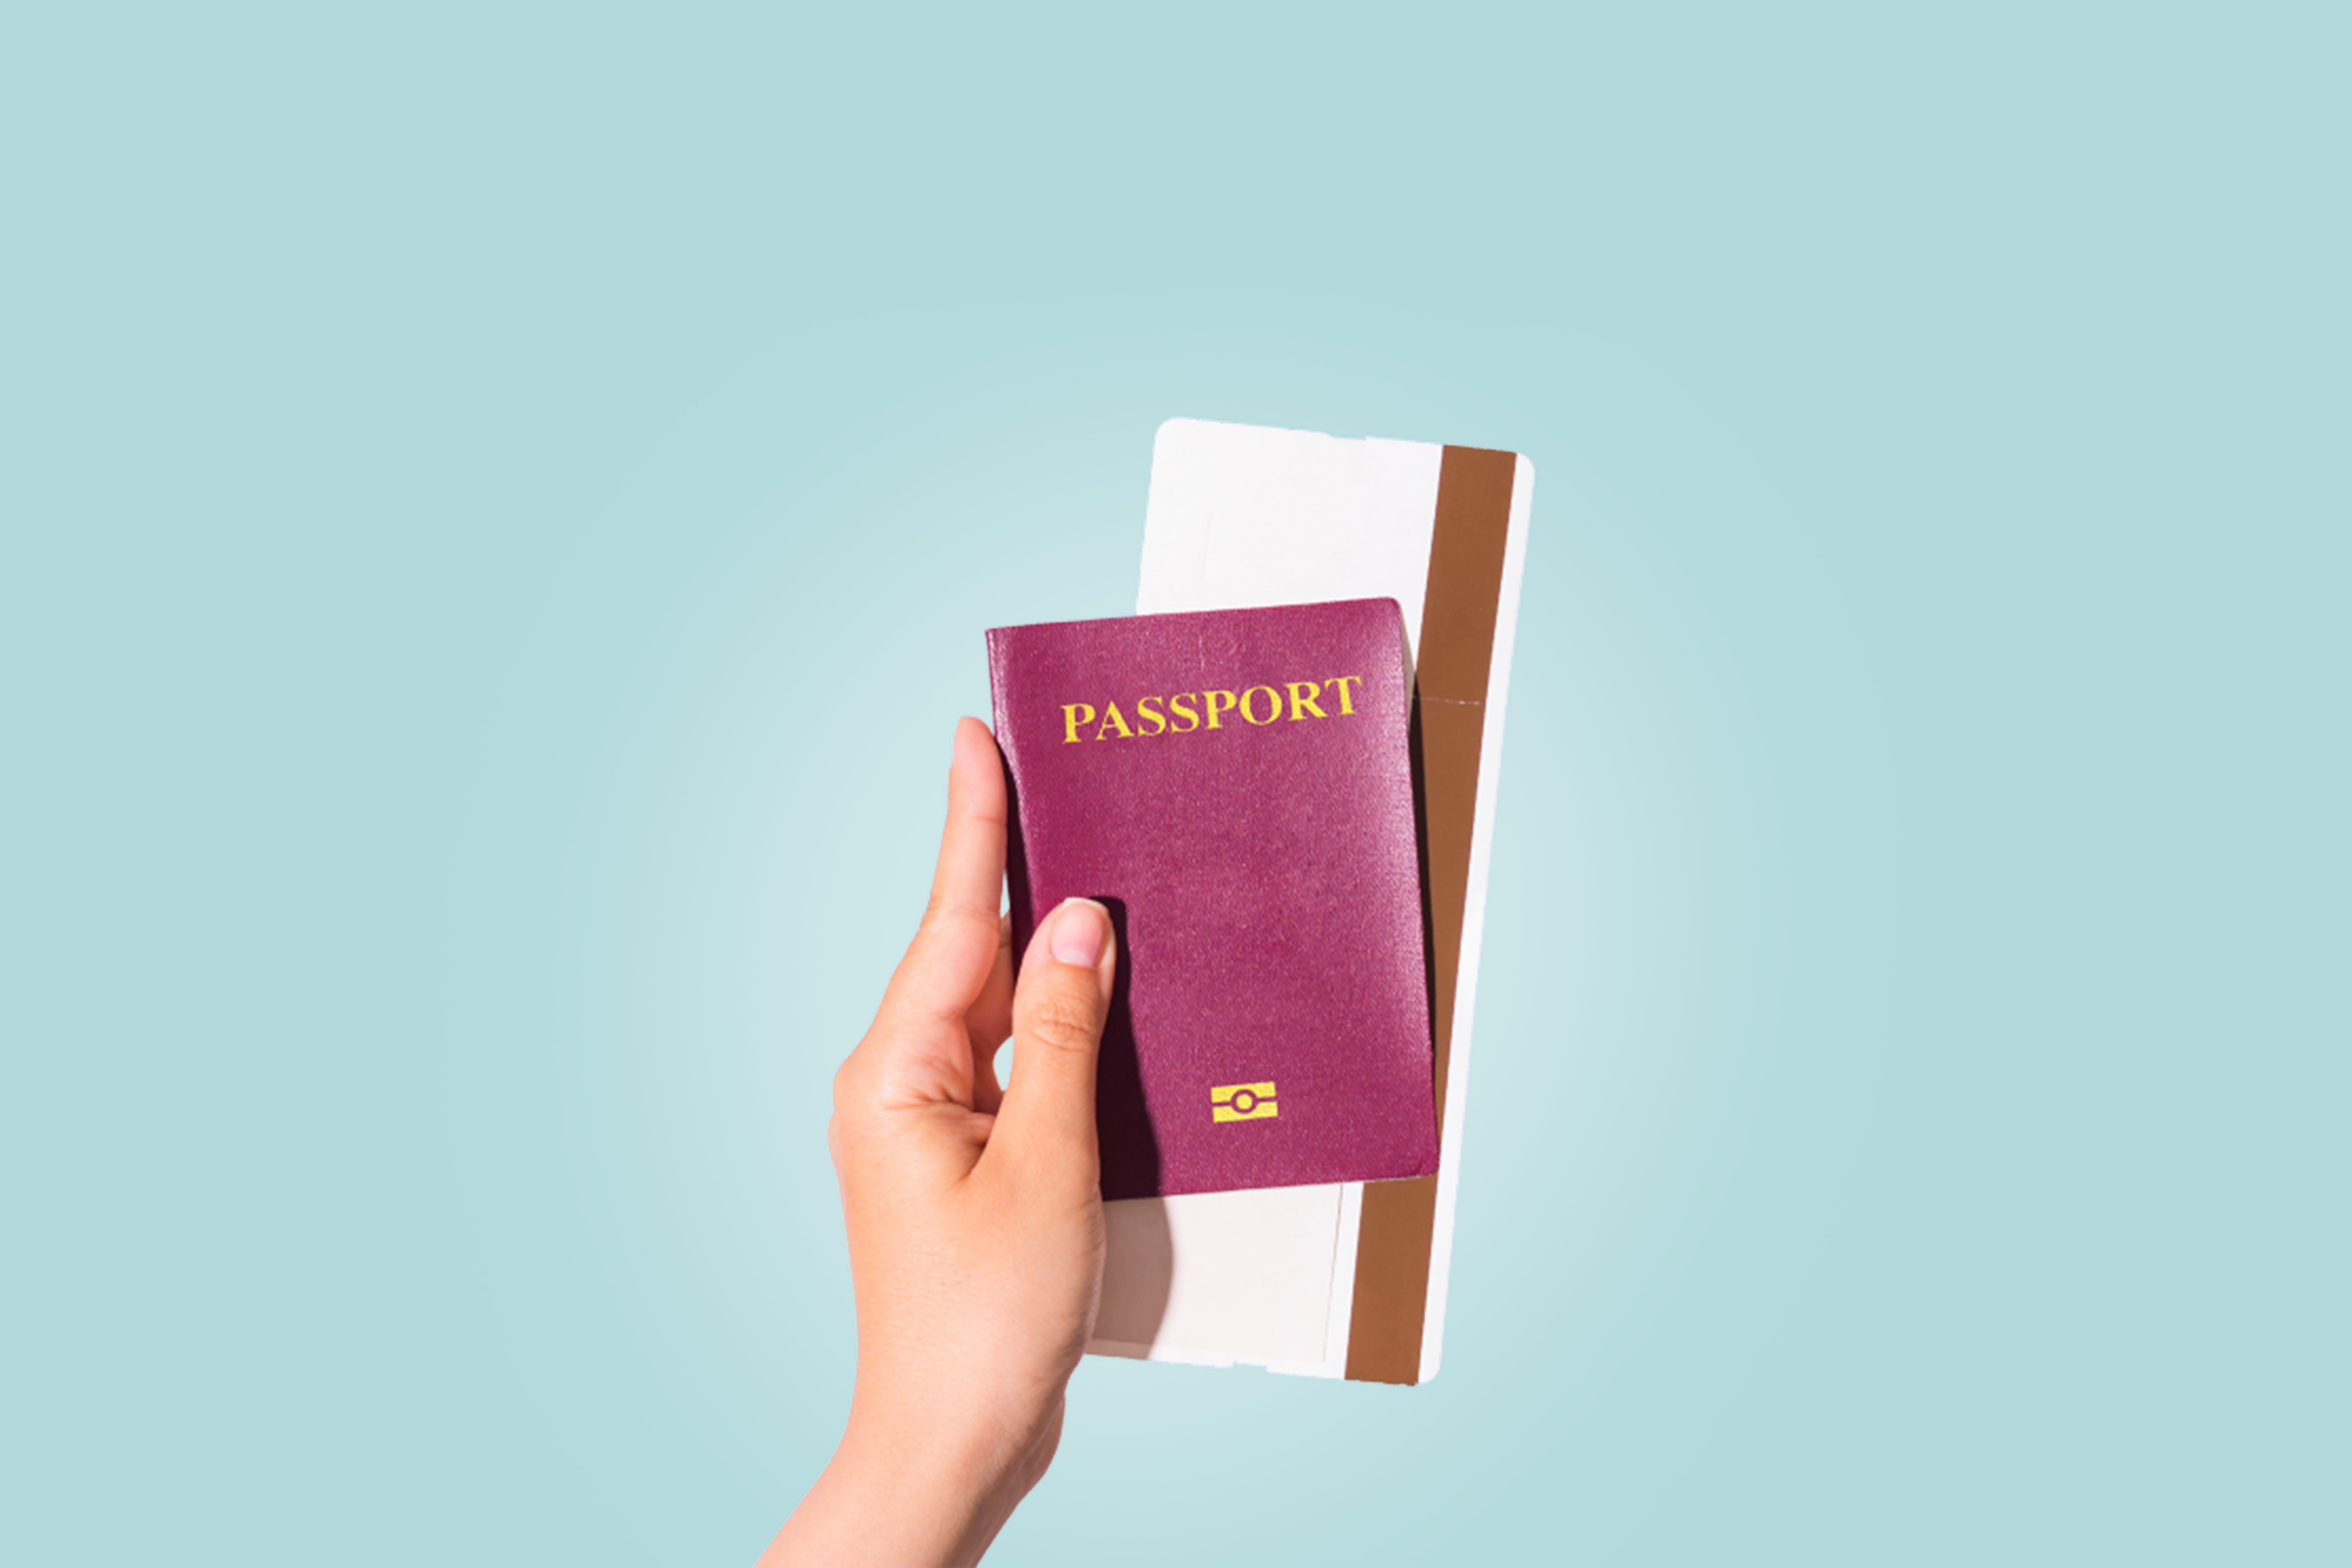 DEVELOPMENT_passport numérique